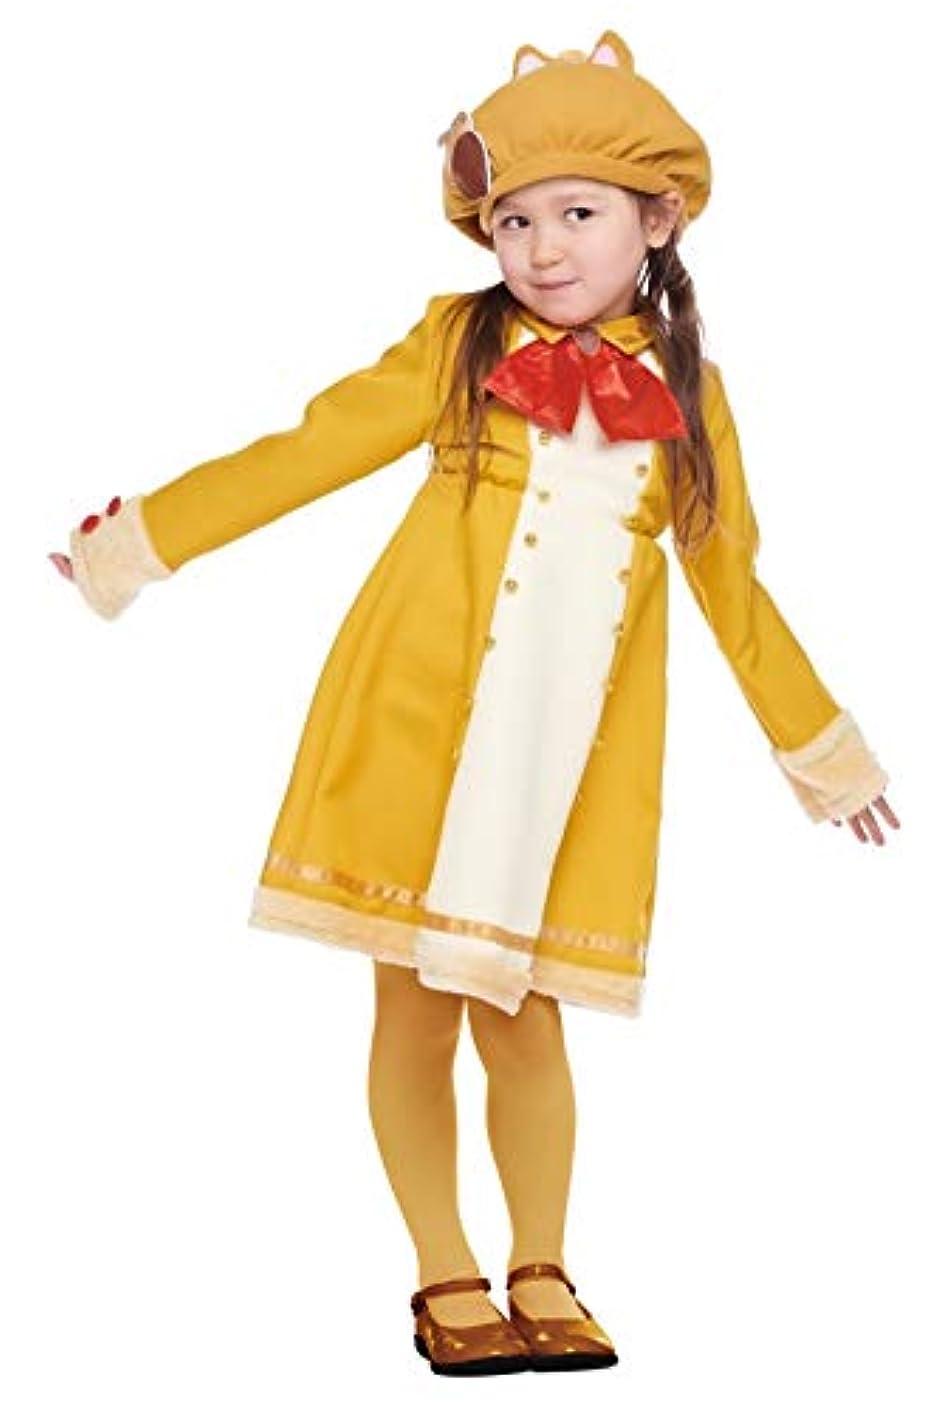 革命的実際のバスタブディズニー チップとデール デール キッズコスチューム 女の子 対応身長 S 100cm-120cm